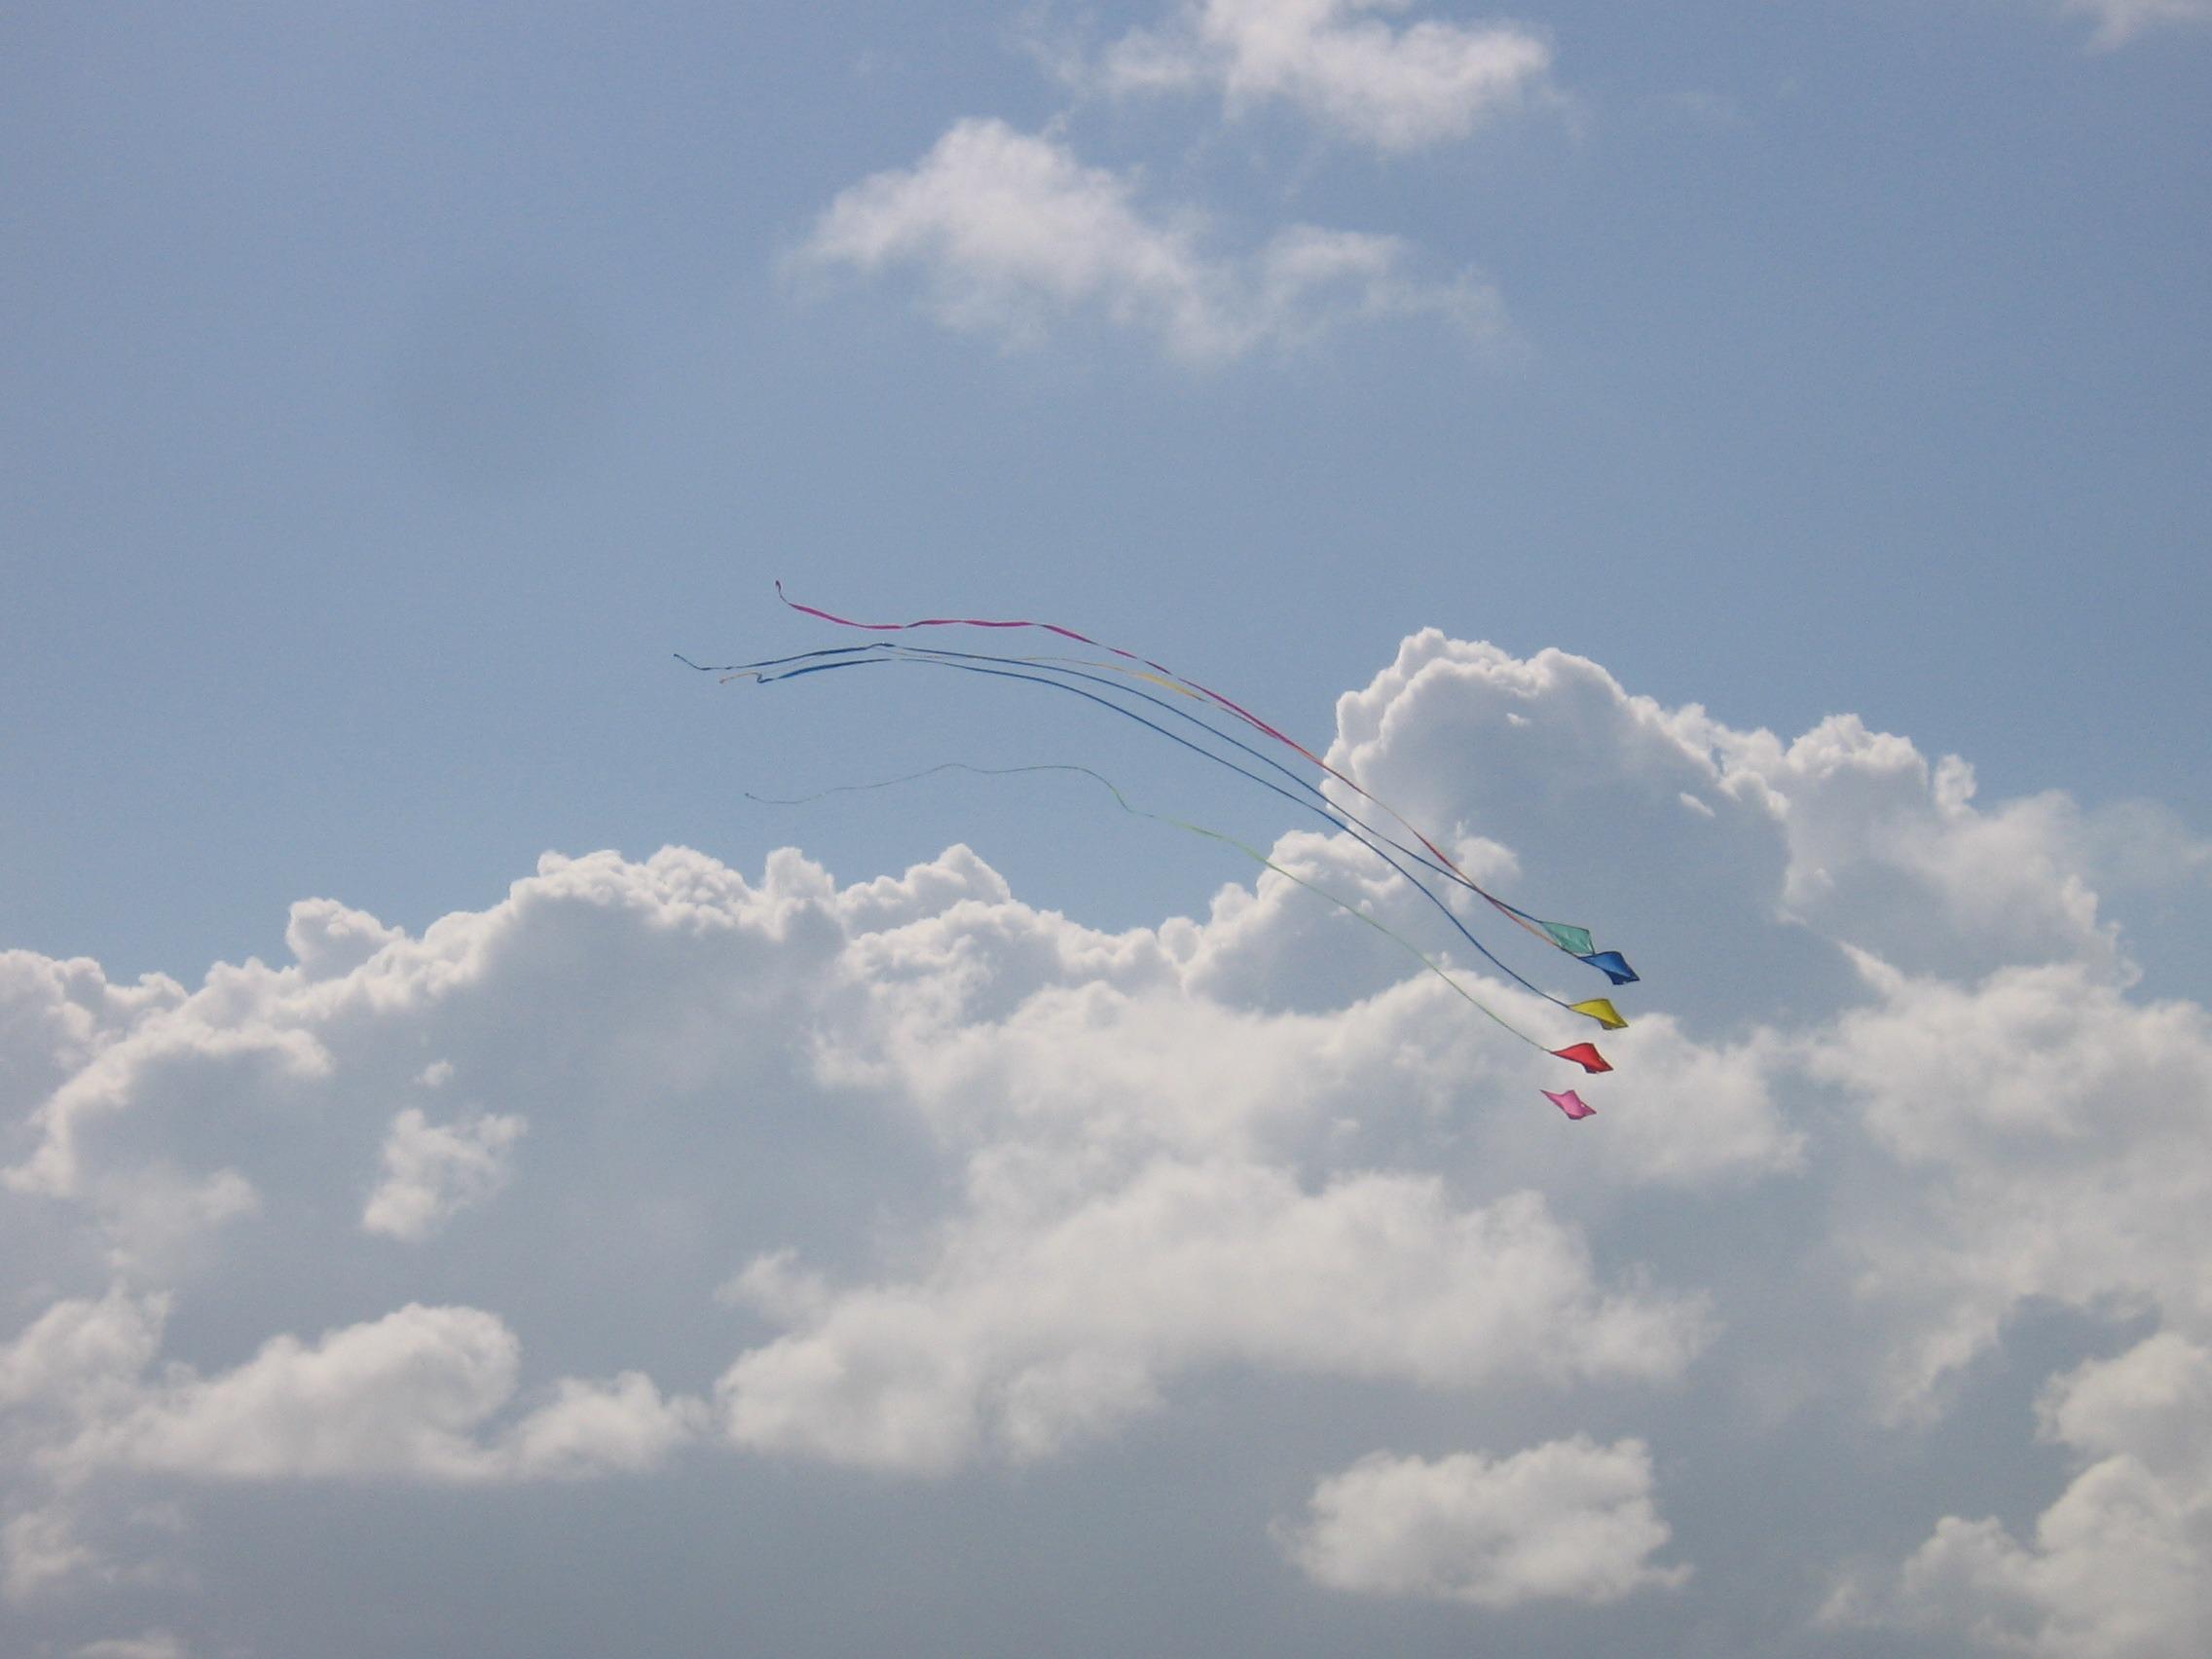 мальчик матери картинки с облаками небом и воздушным змеем называют философской